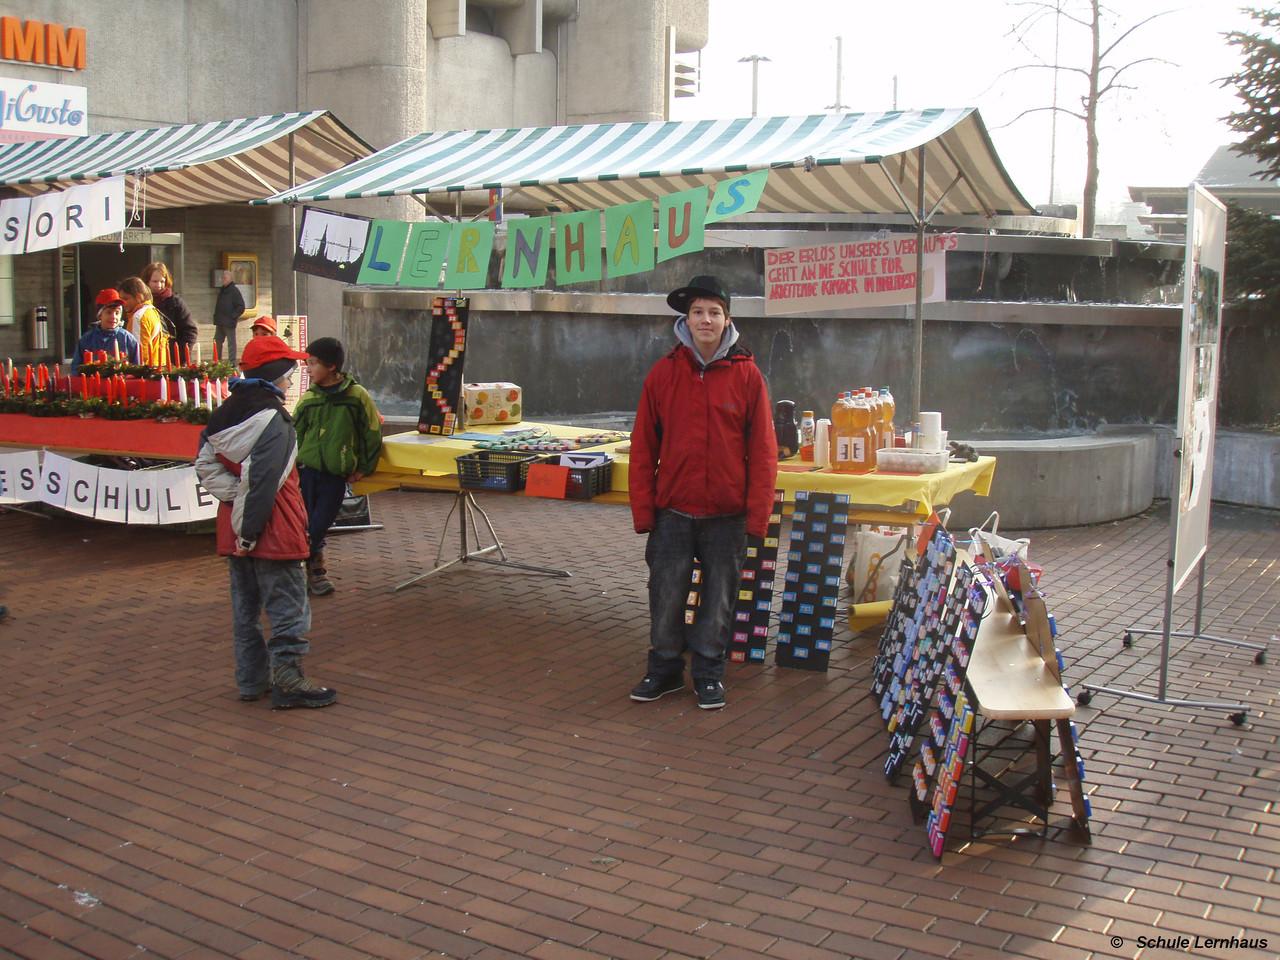 Weihnachtsmarkt in Brugg